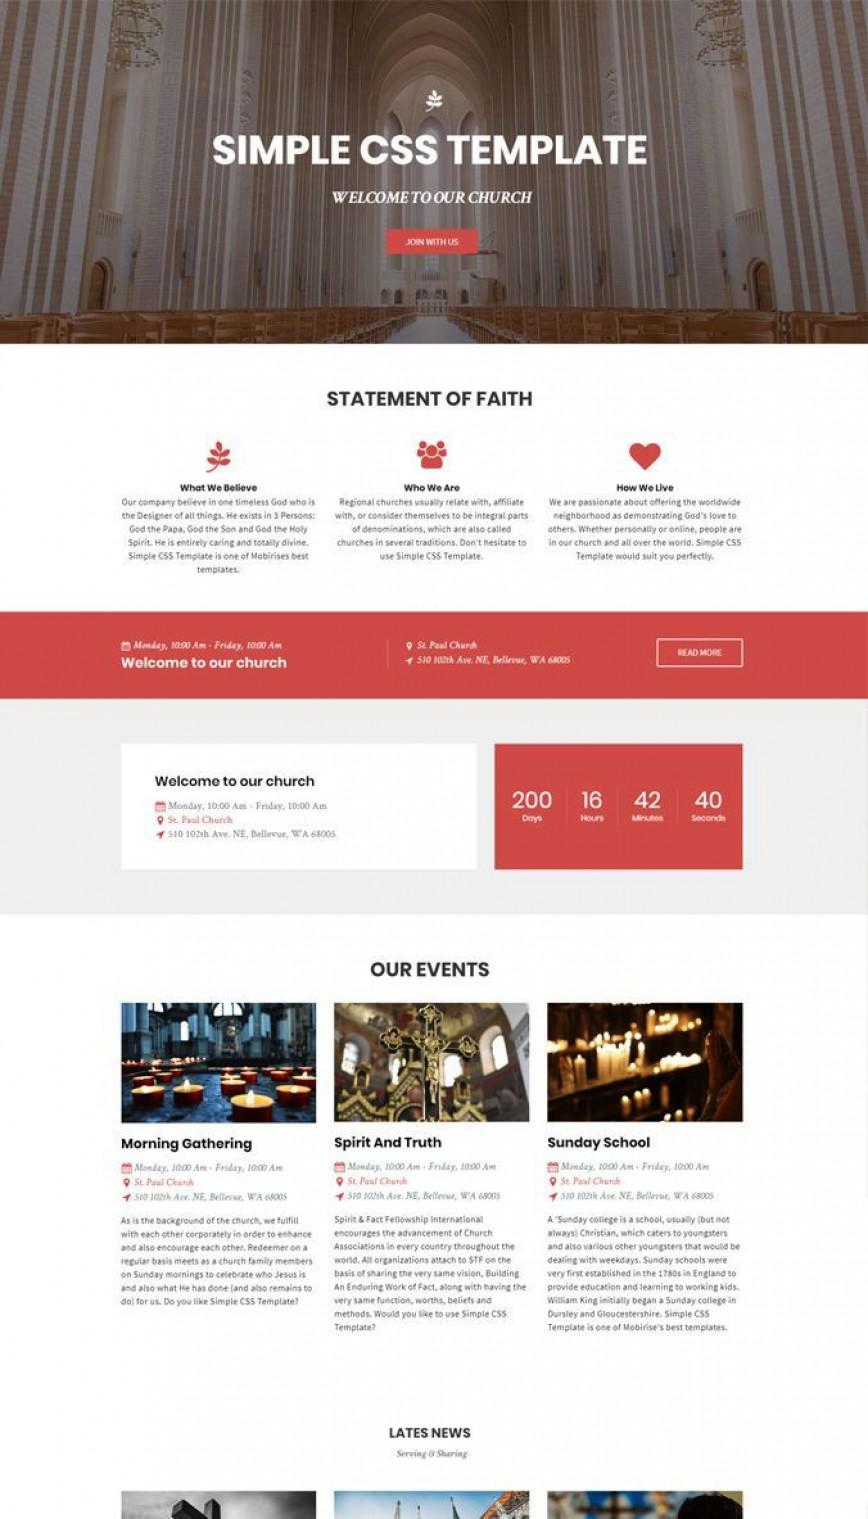 004 Unbelievable Web Page Design Template Cs Image  Css